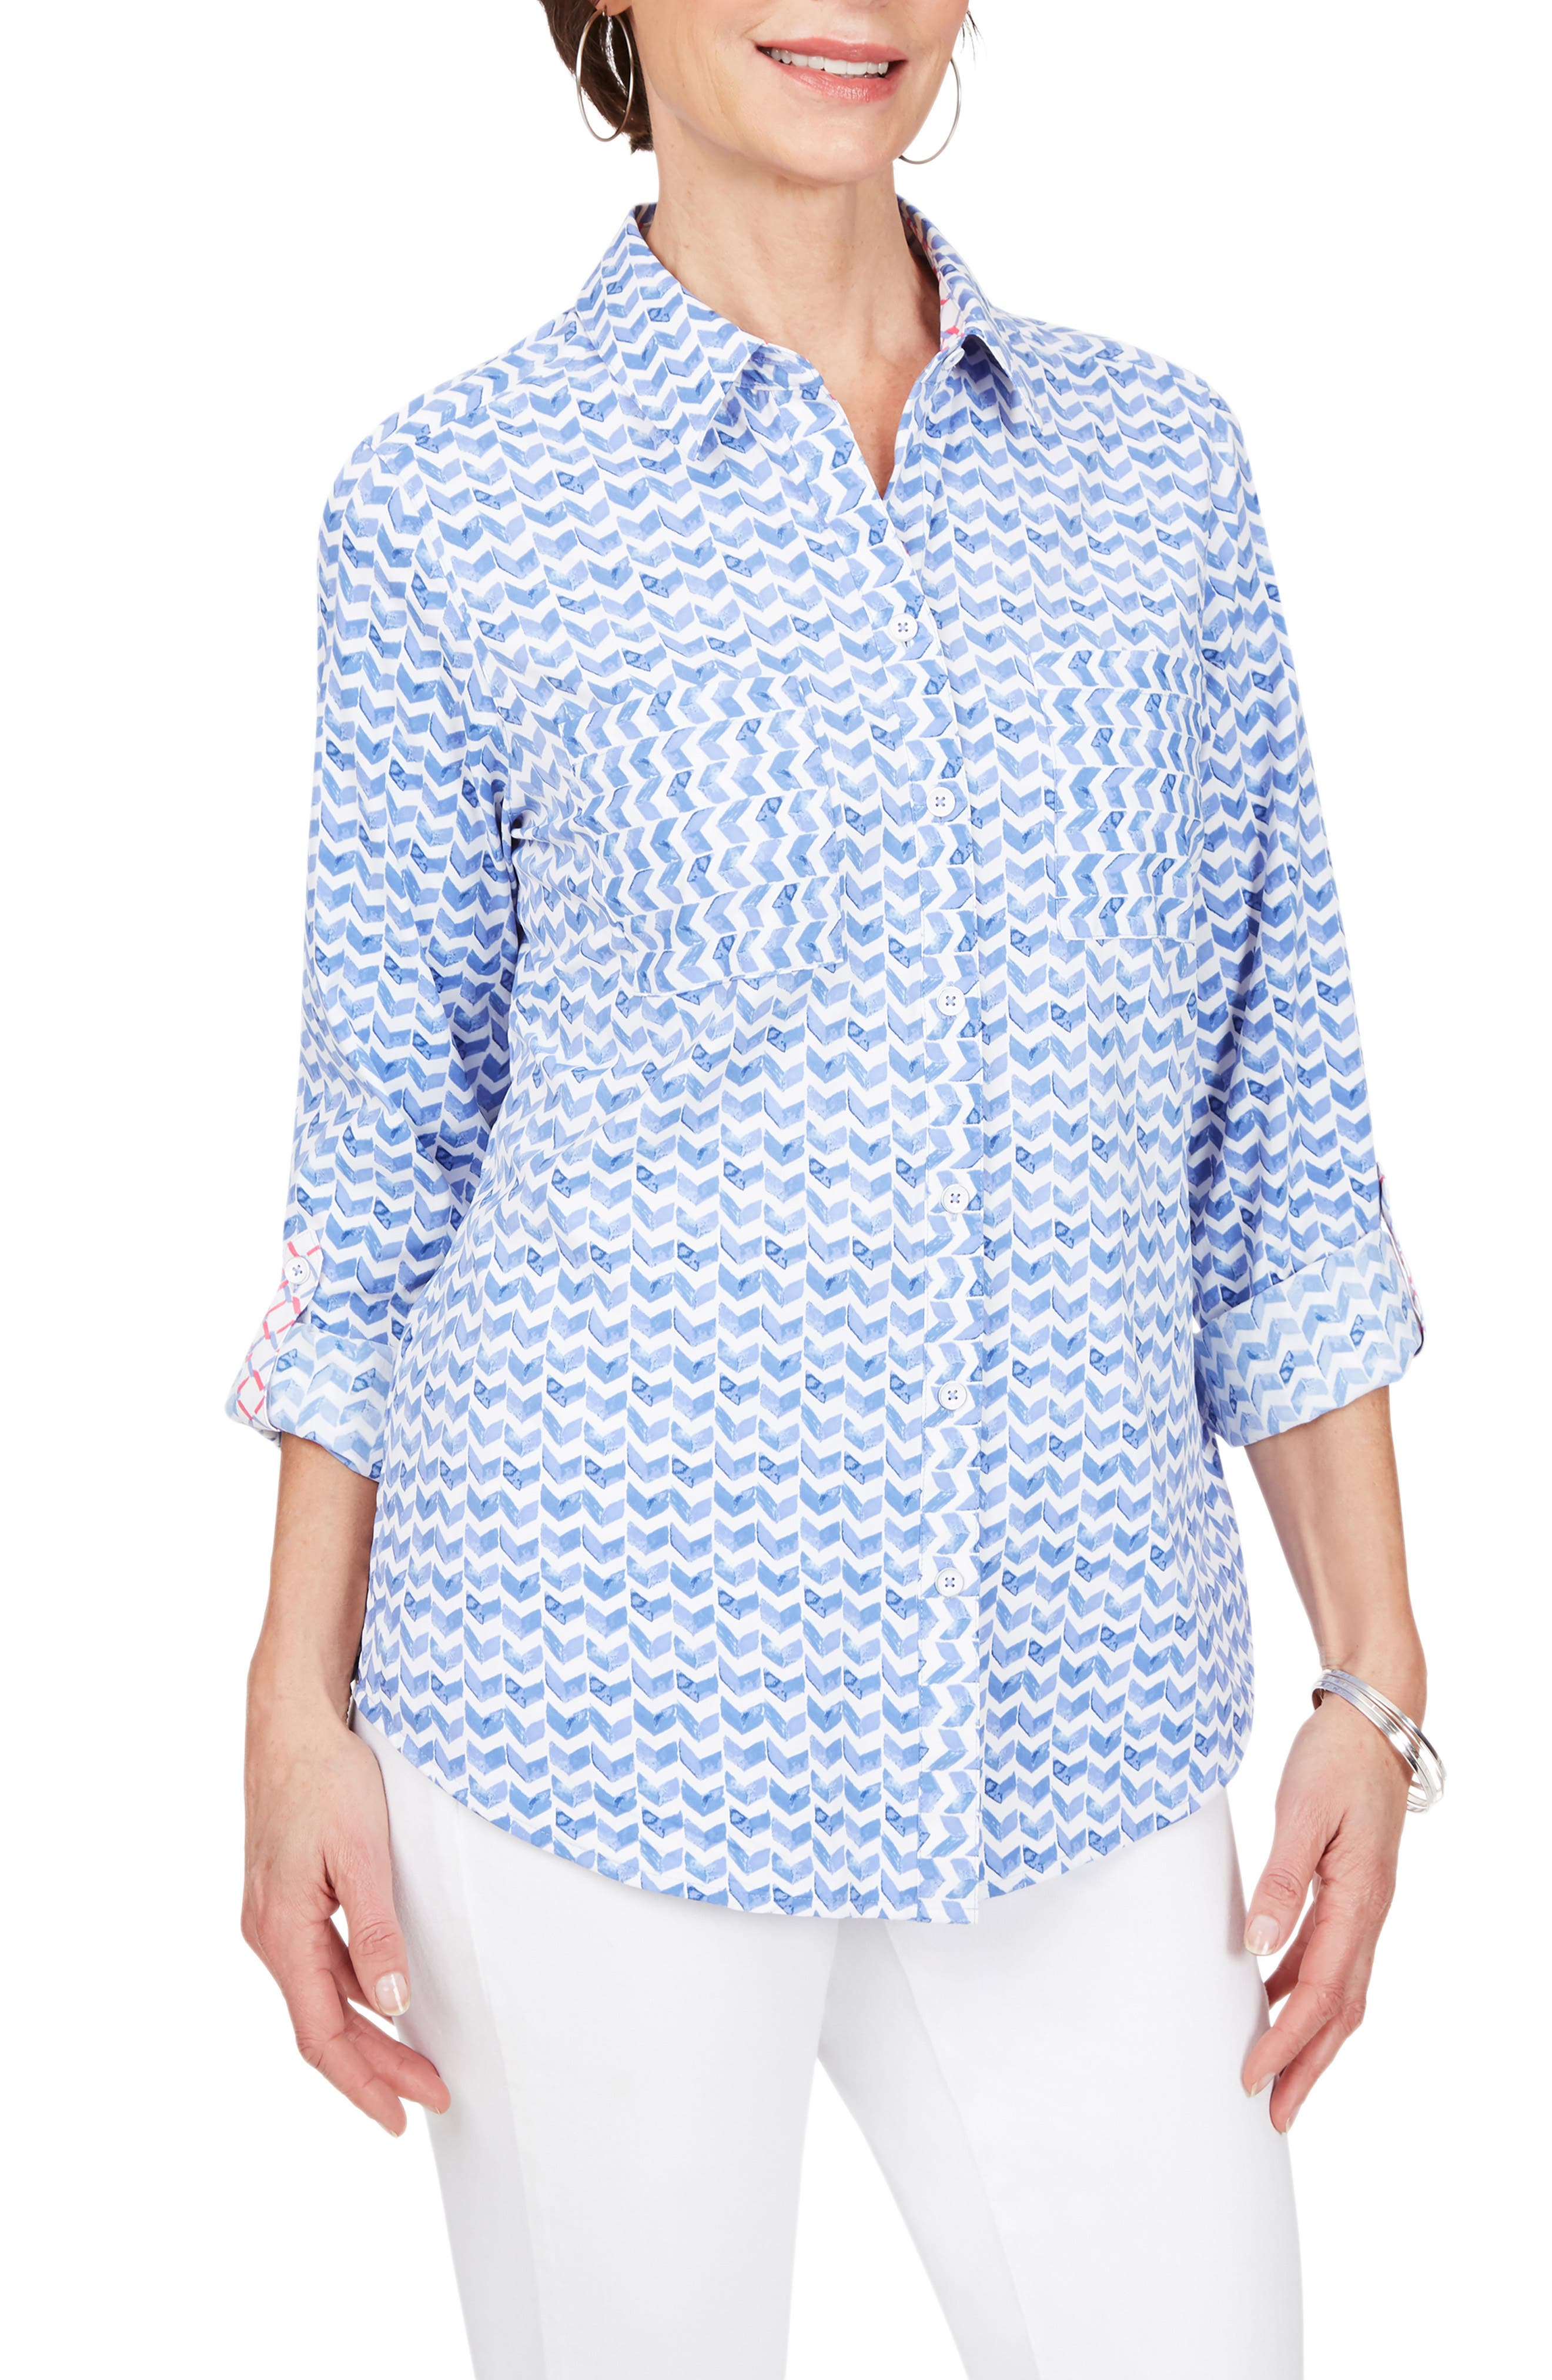 Zoey Chevron Non-Iron Button-Up Shirt